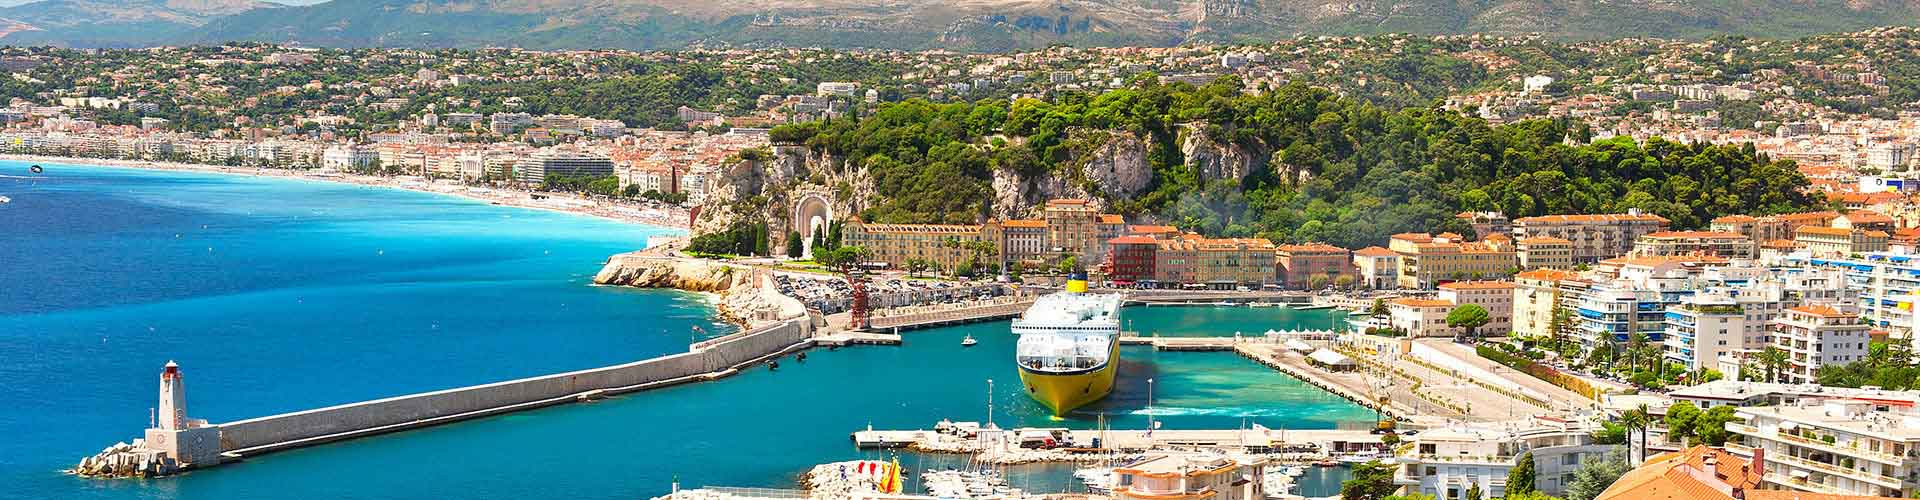 Nizza – Huoneet kaupungiosassa Territoire 6. Nizza -karttoja, valokuvia ja arvosteluja kaikista Nizza -huoneista.